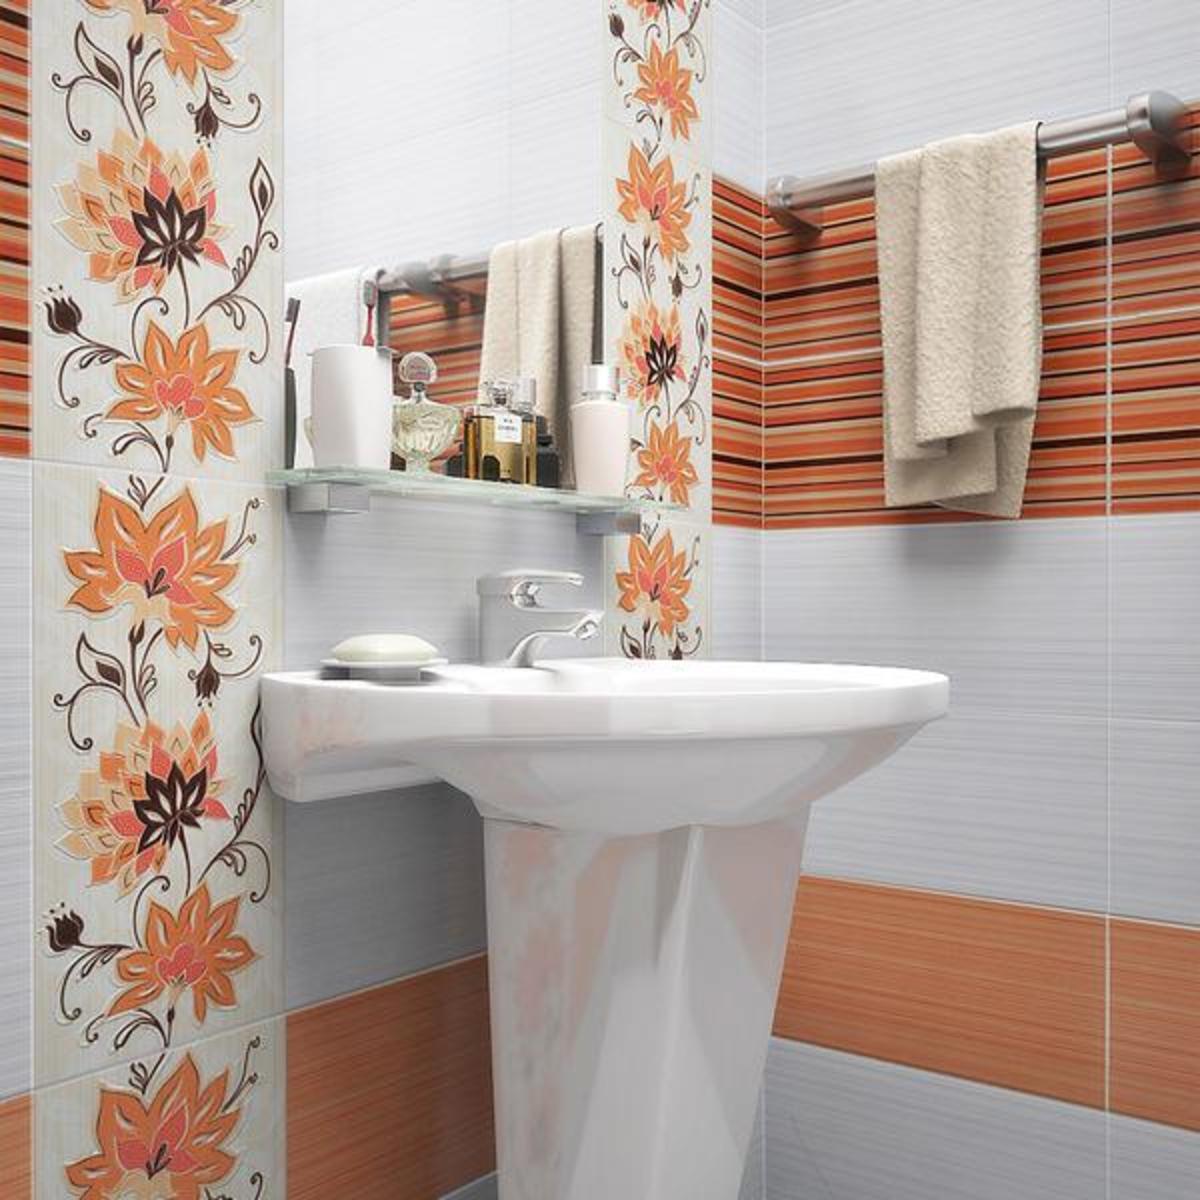 Оранжевая плитка в ванной комнате